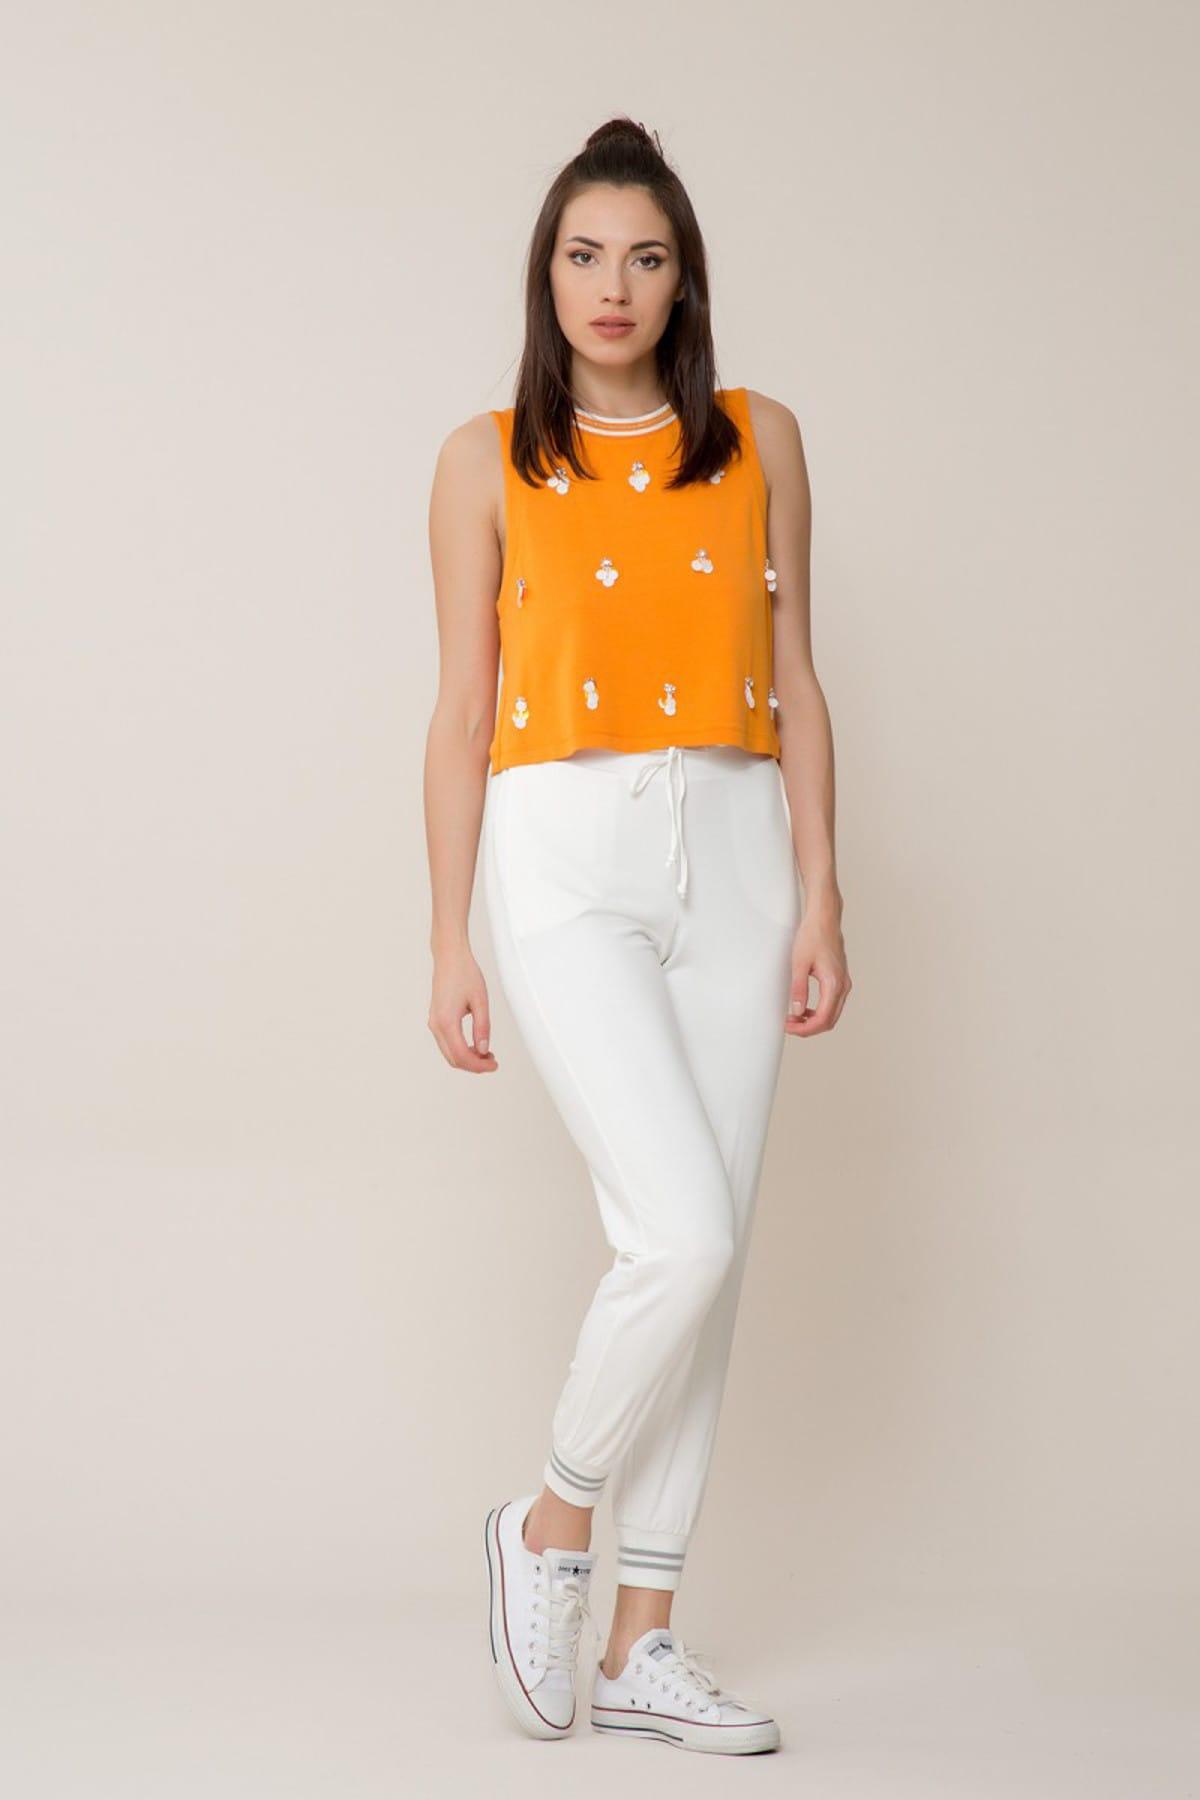 GİZİA Kadın Pul Detaylı Turuncu Spor Bluz M18Y2W01012W6 1